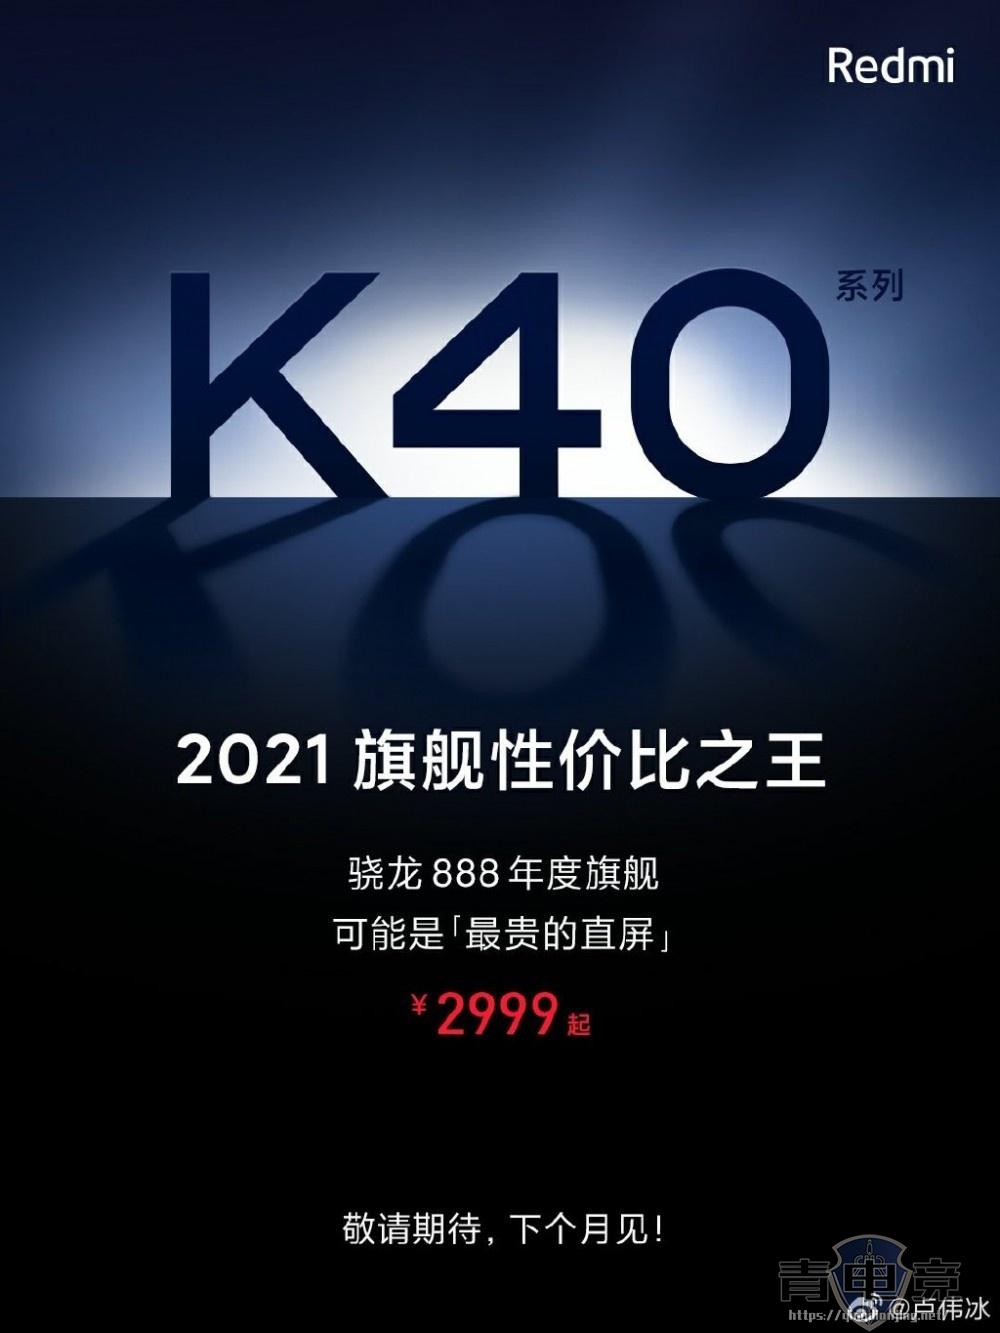 卢伟冰:网传K40图都是假的 真机非常漂亮